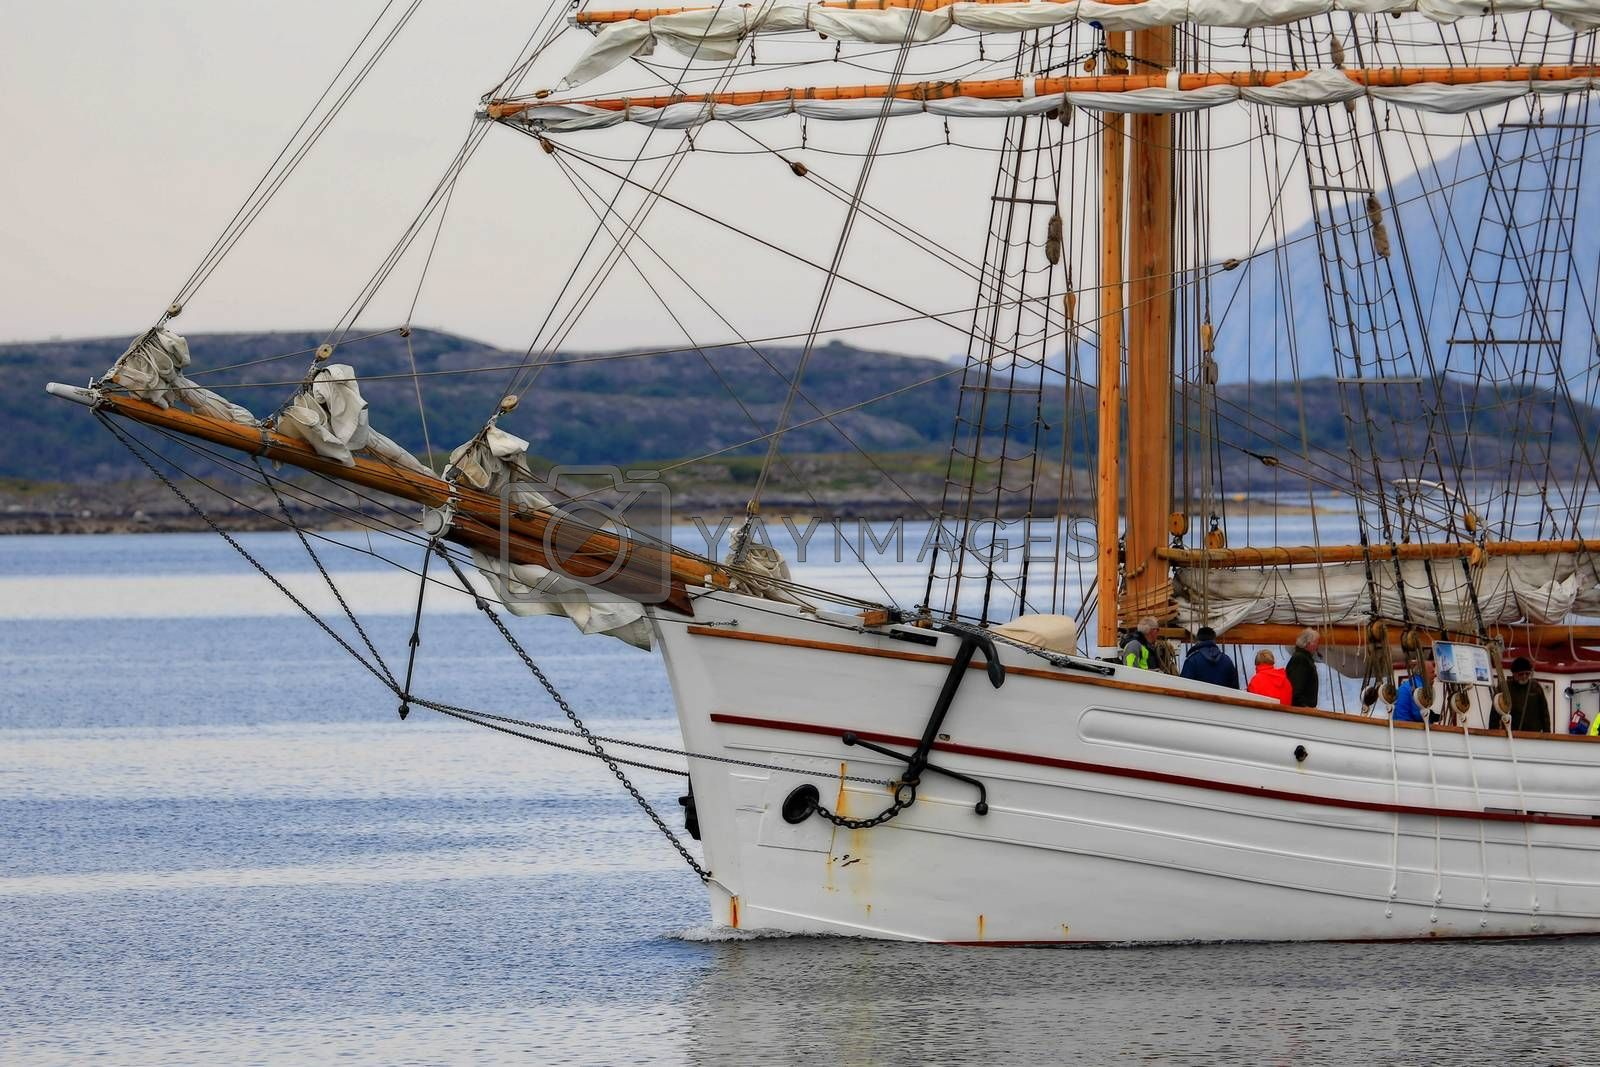 """LOYAL ble bygd som galeas i Rosendal i Hardanger i 1877 av Knut Johannessen Nes eller """"Gjøra-Knuten"""" som han ble kalt på folkemunne. Dette er samme mann som gjorde Hardangerjakten verdenskjent fordi han også bygde GJØA som Roald Amundsen tok gjennom nordvest passasjen. Loyal ble bygget for å frakte inntil 900 tønner sild og var beregnet for å kunne seile på de store hav."""